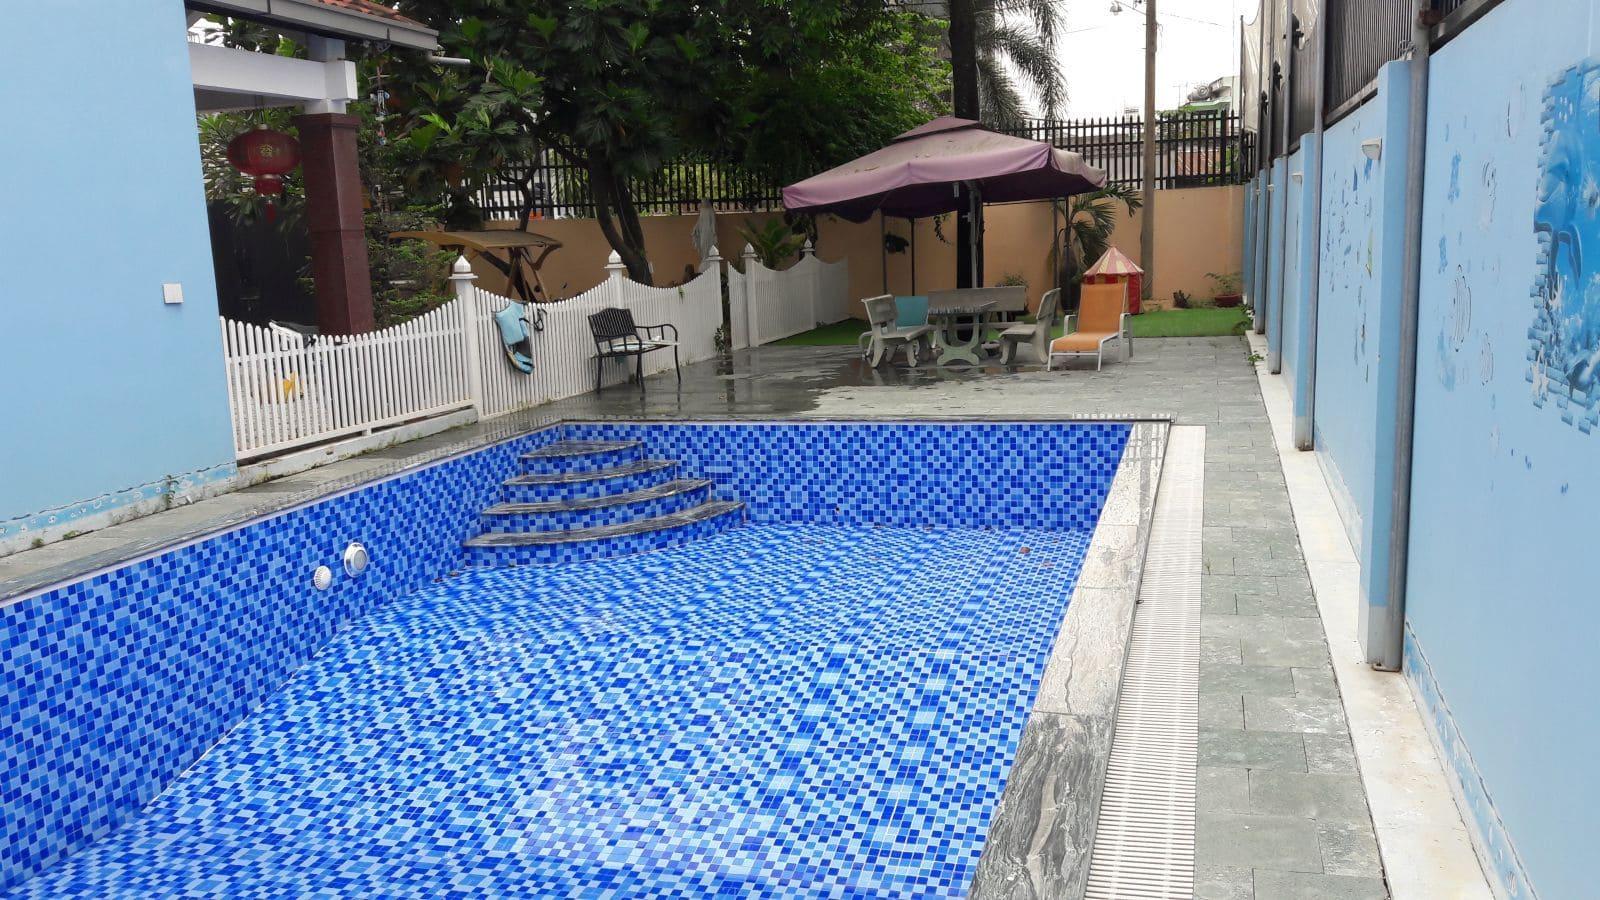 Cải tạo sửa chữa bể bơi gia đình anh Trịnh chị Yên Hố Nai – Biên Hòa - Ảnh thi công 8